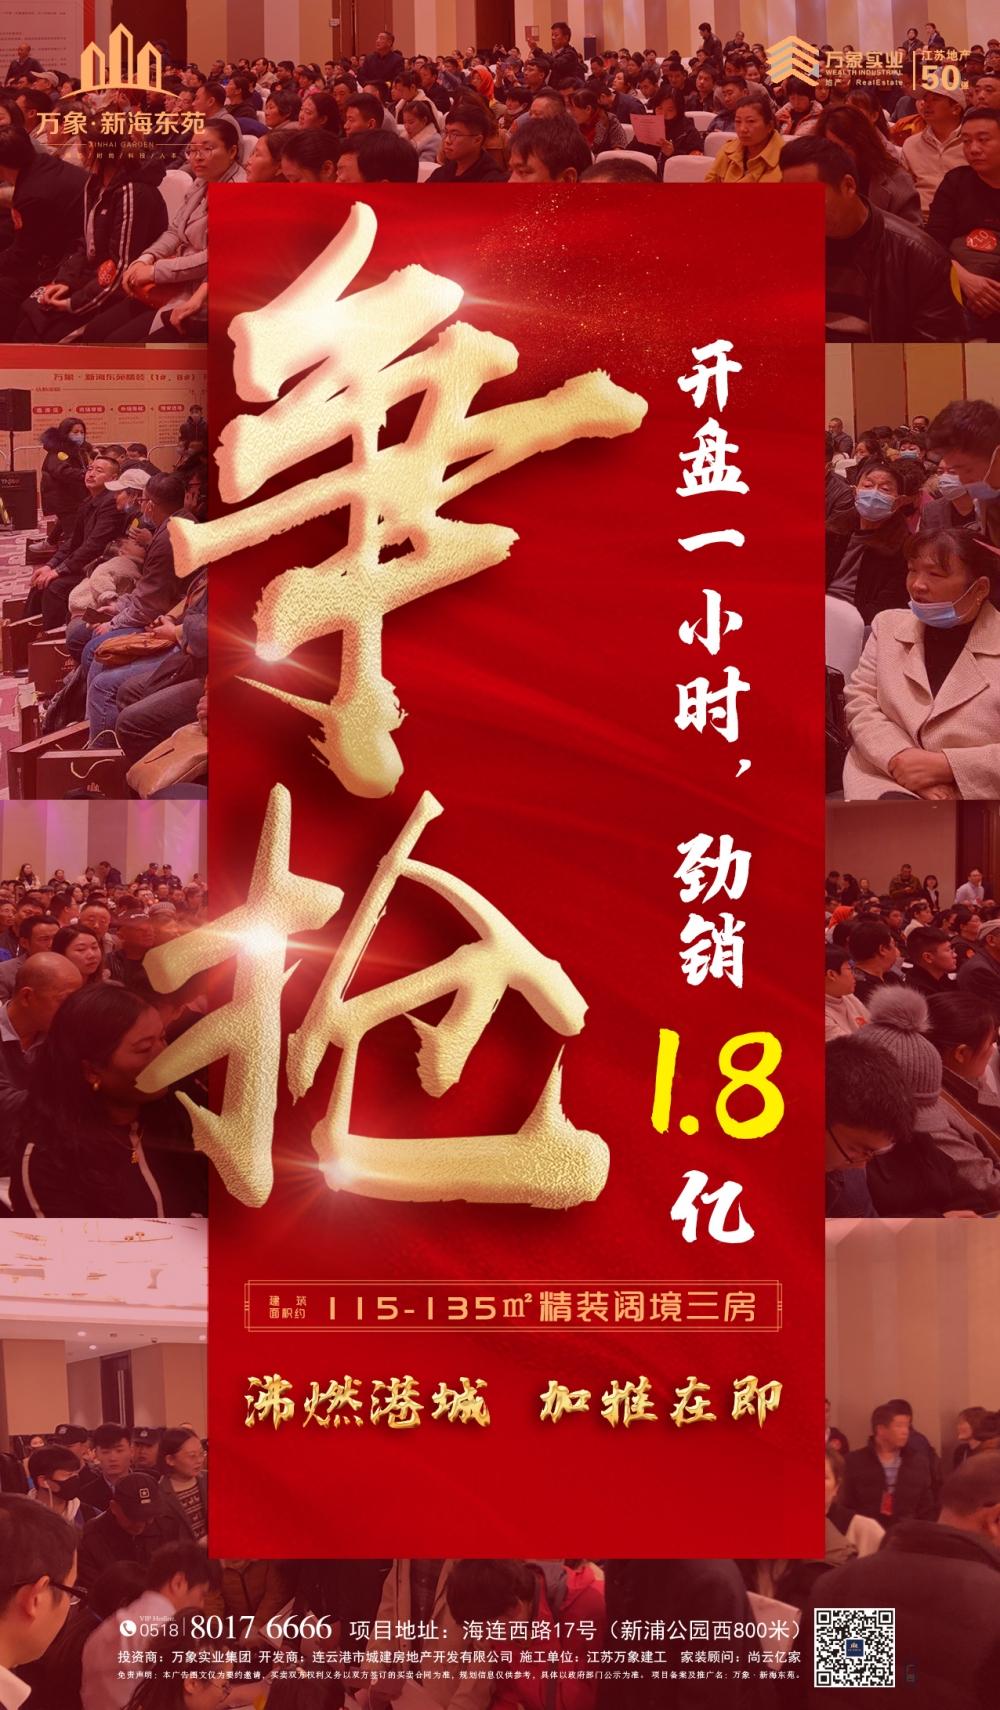 精装开盘火力全开!万象·新海东苑1小时劲销1.8亿!-连云港房产网